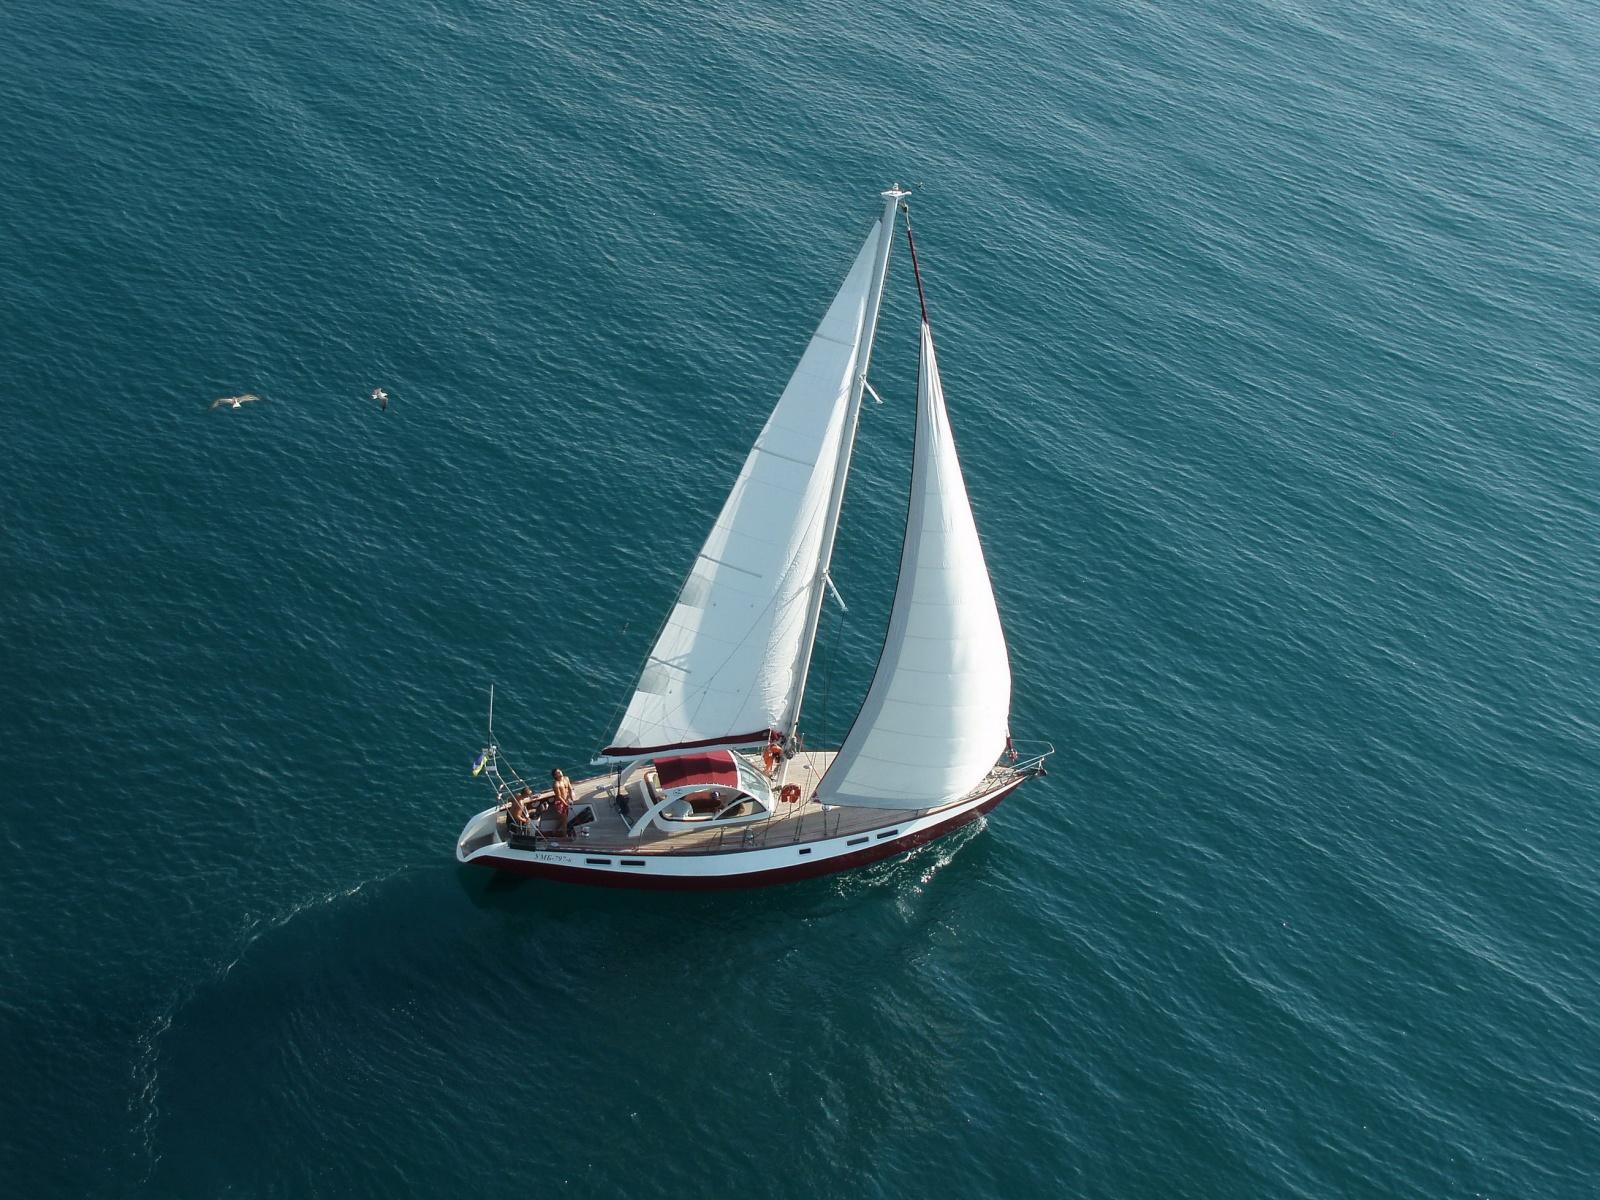 Прогулки на яхтах в Крыму. Активный отдых, туры и приключения ...